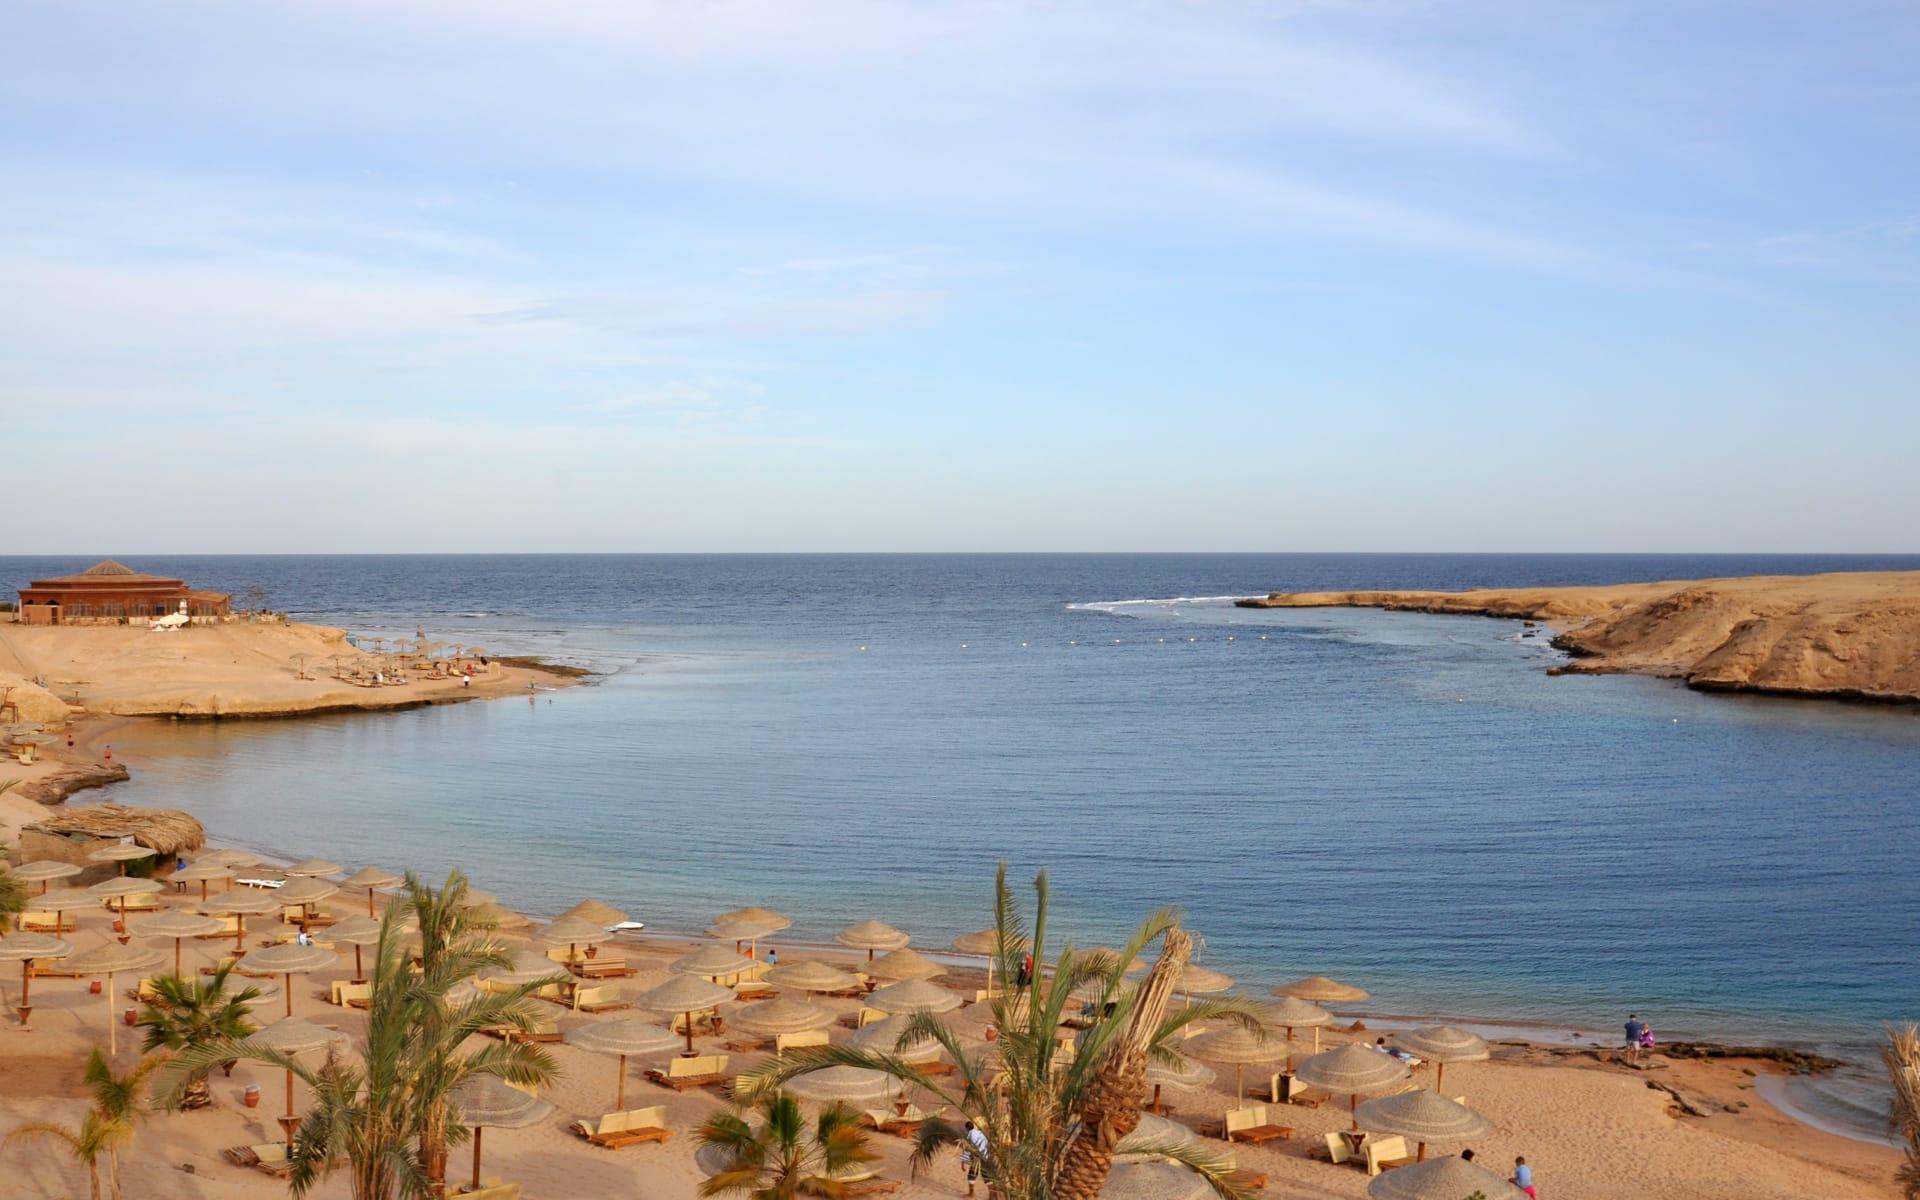 Badeferien im Cleopatra Luxury Resort ab Hurghada: Bucht Makadi